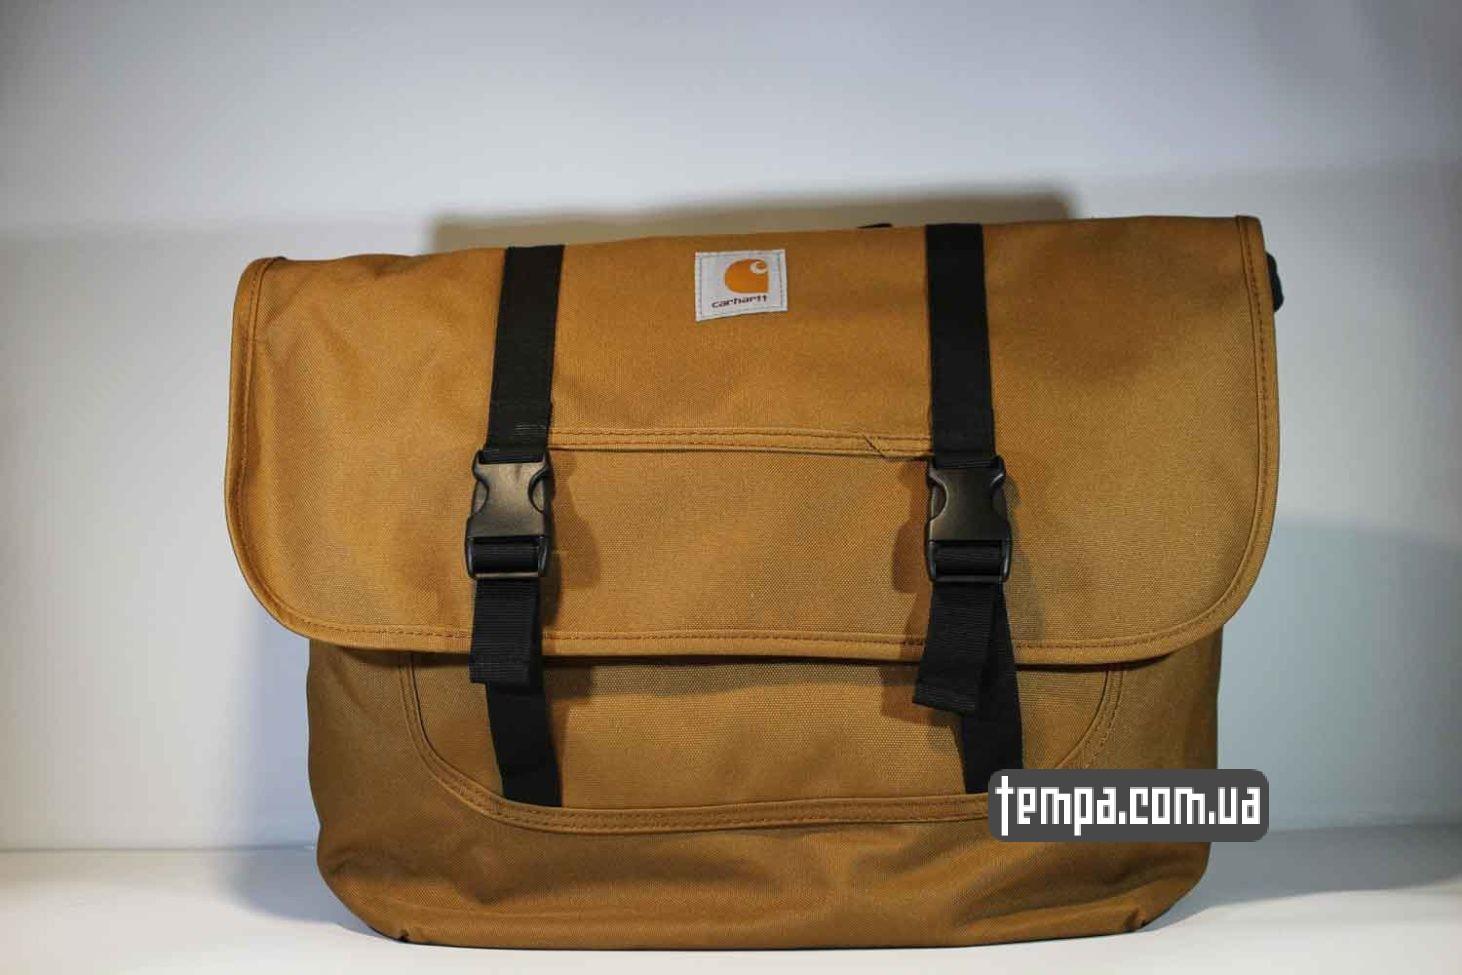 сумка через плечо carhartt bag коричневая купить Украина